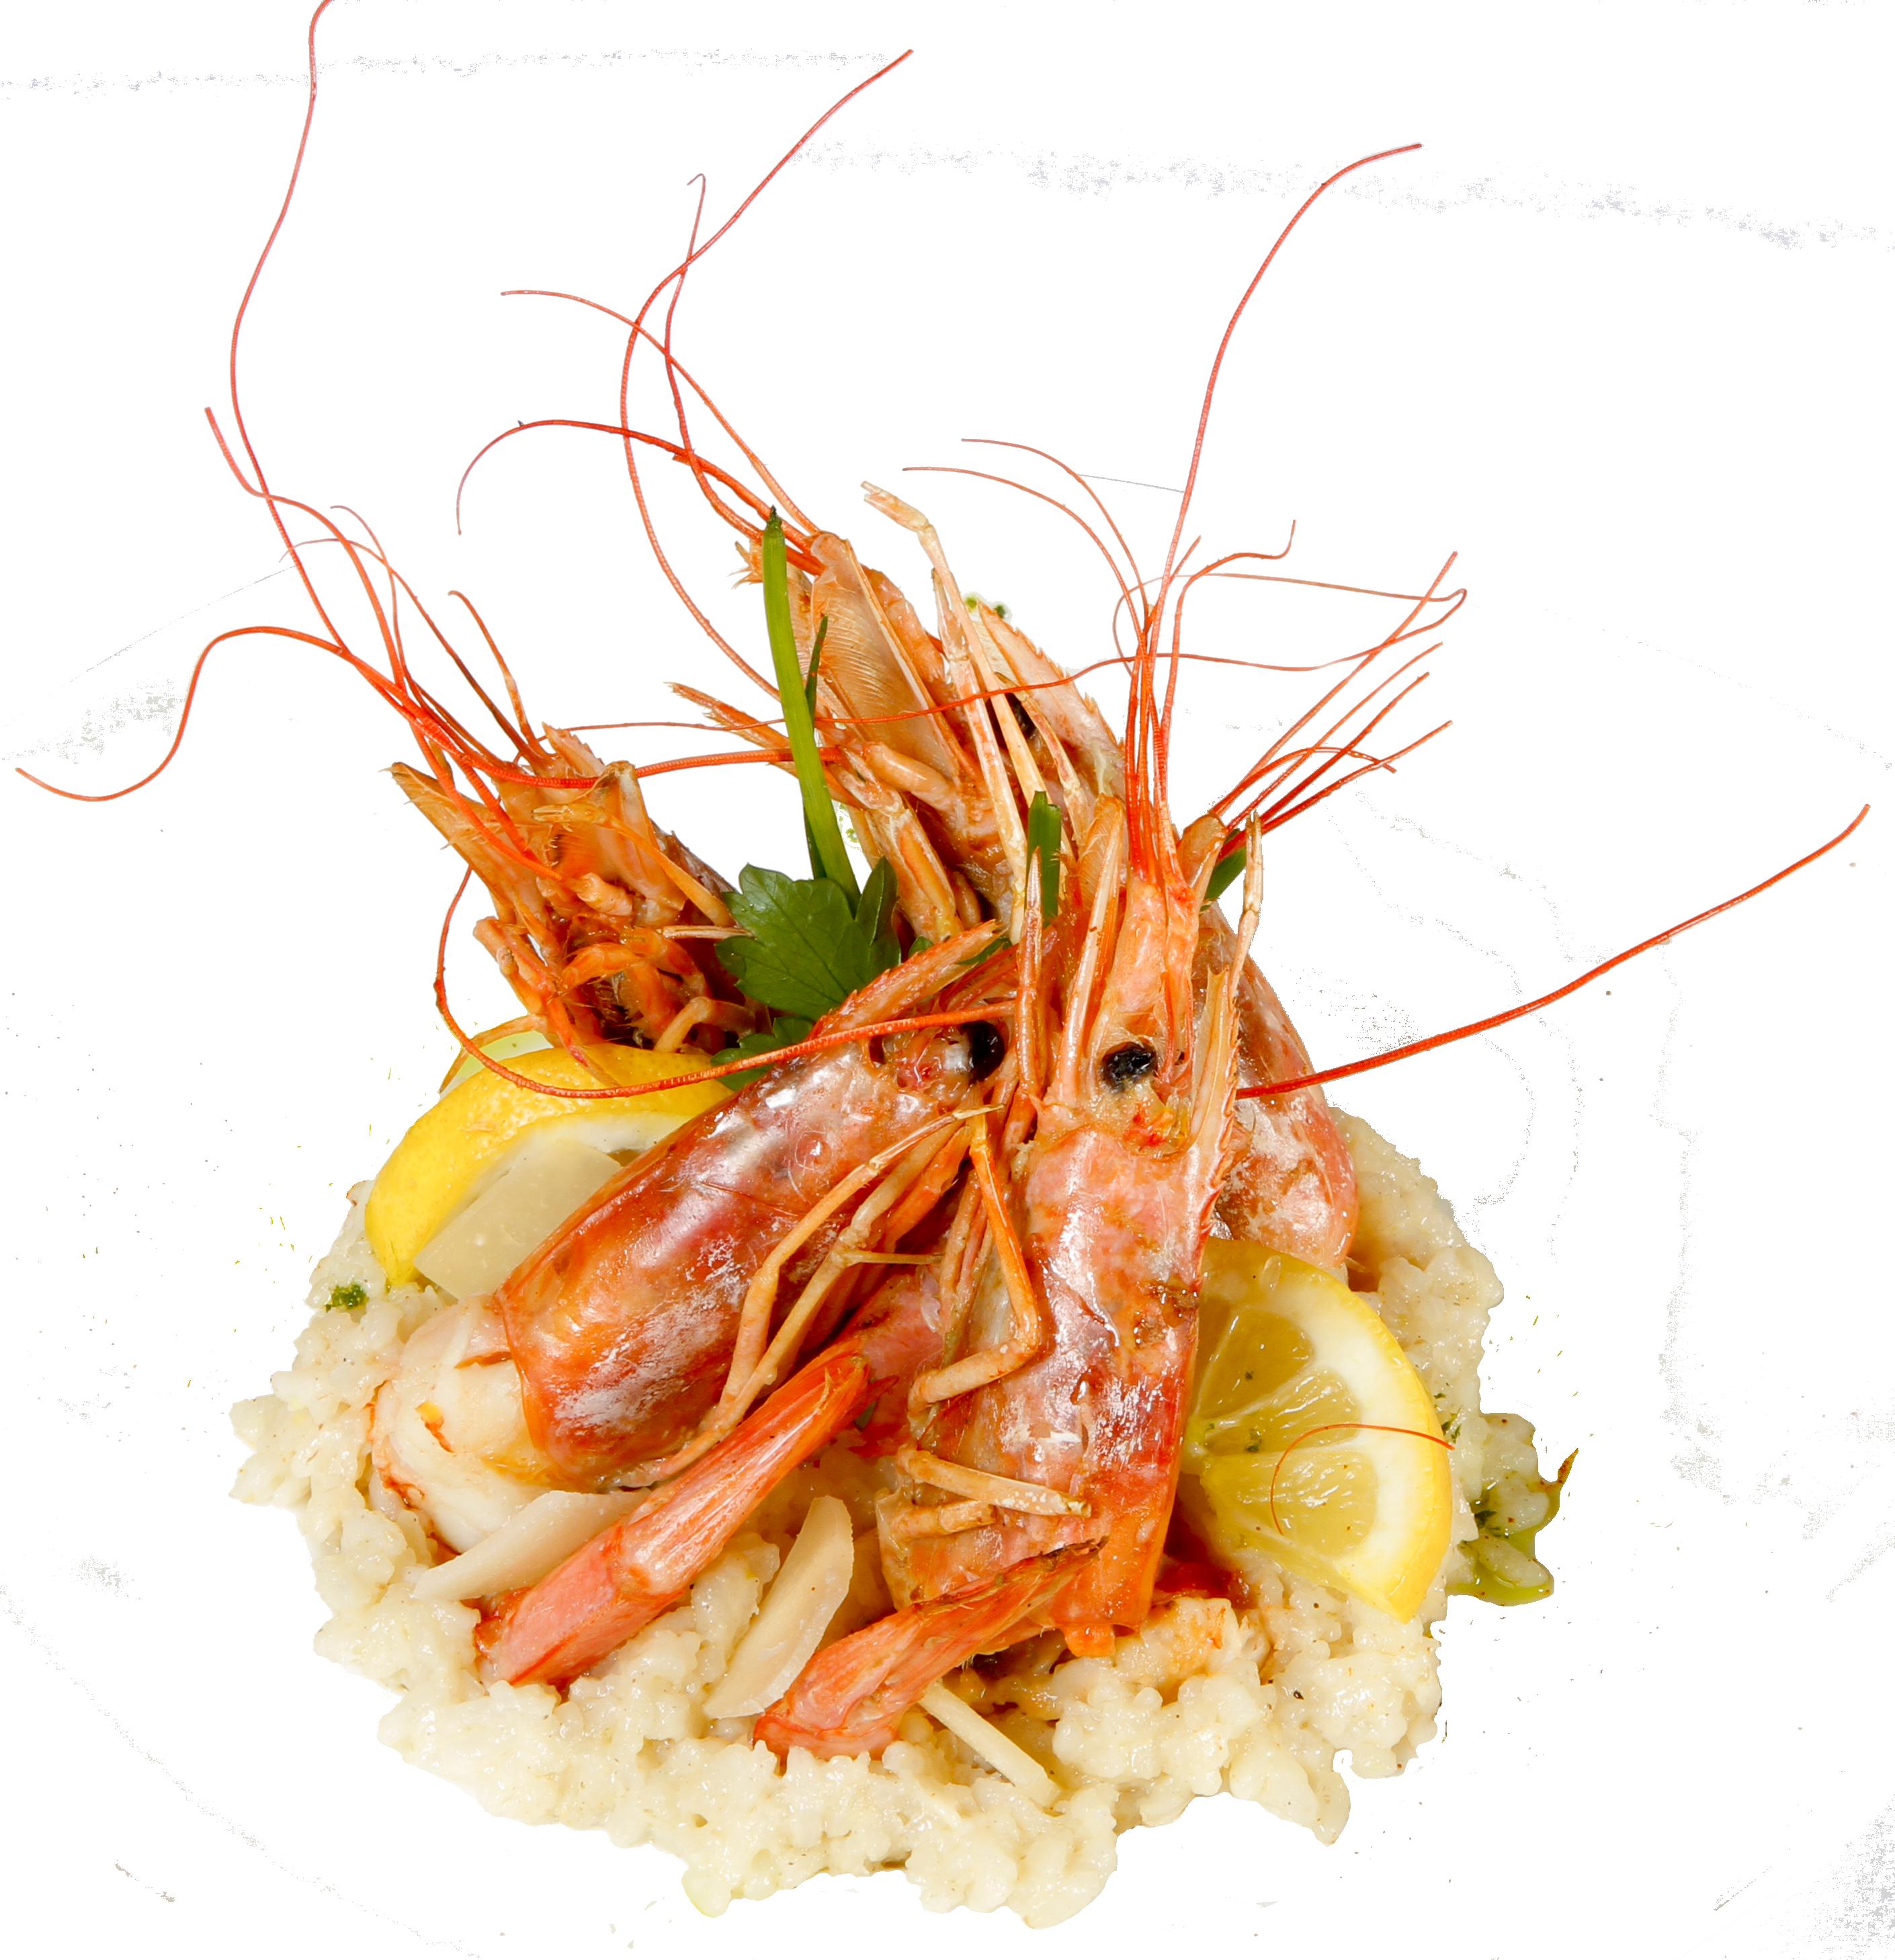 gambas grillees a la placha - cap d'agde - arlequin - port -spécialite poisson -